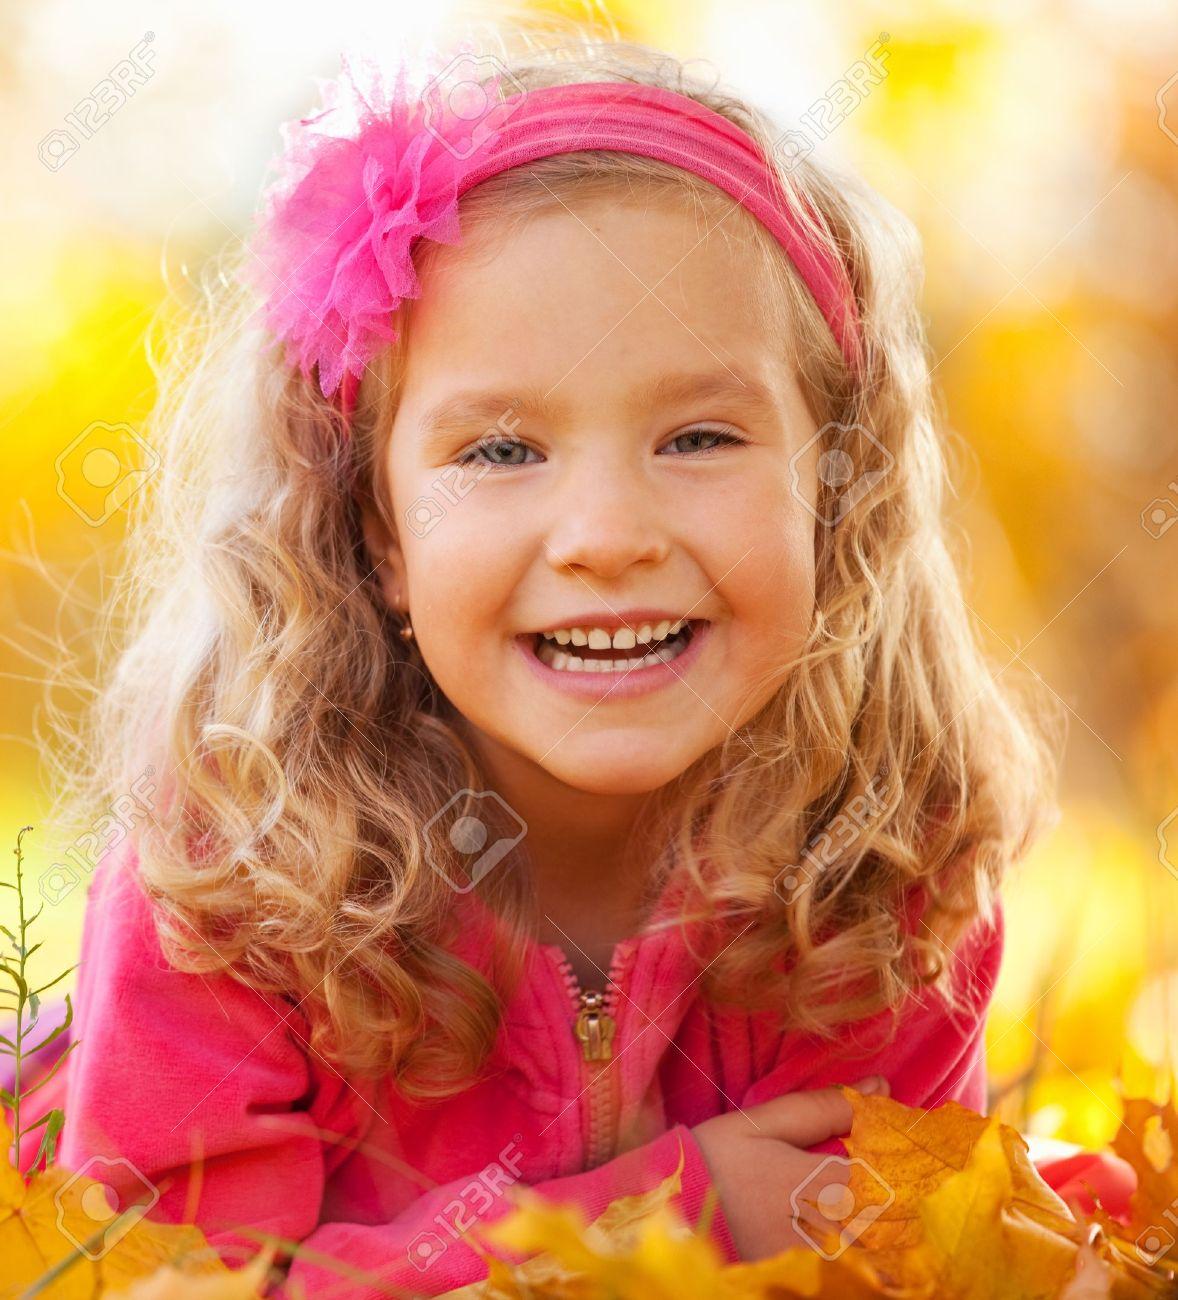 Happy little child in autumn park Stock Photo - 14491005